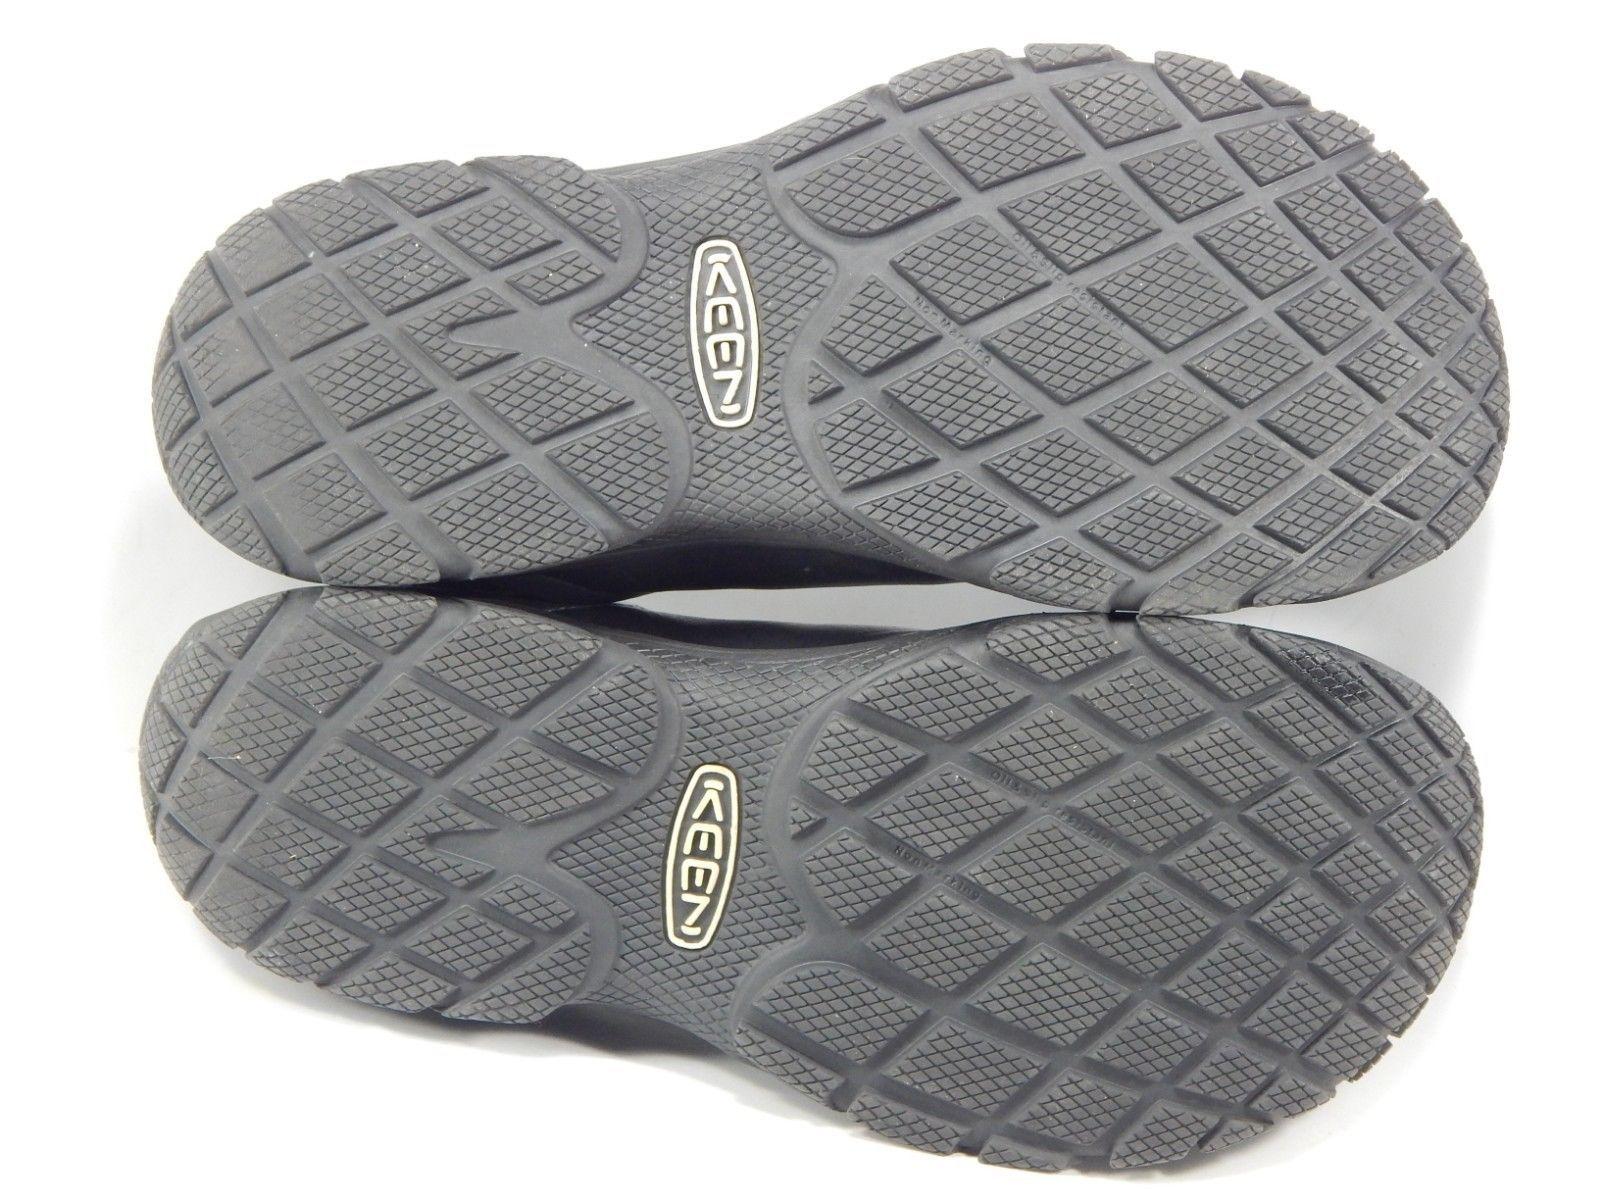 Keen PTC Slip On II Sz 11 M (D) EU 44.5 Men's Soft Toe Work Shoes Black 1006983